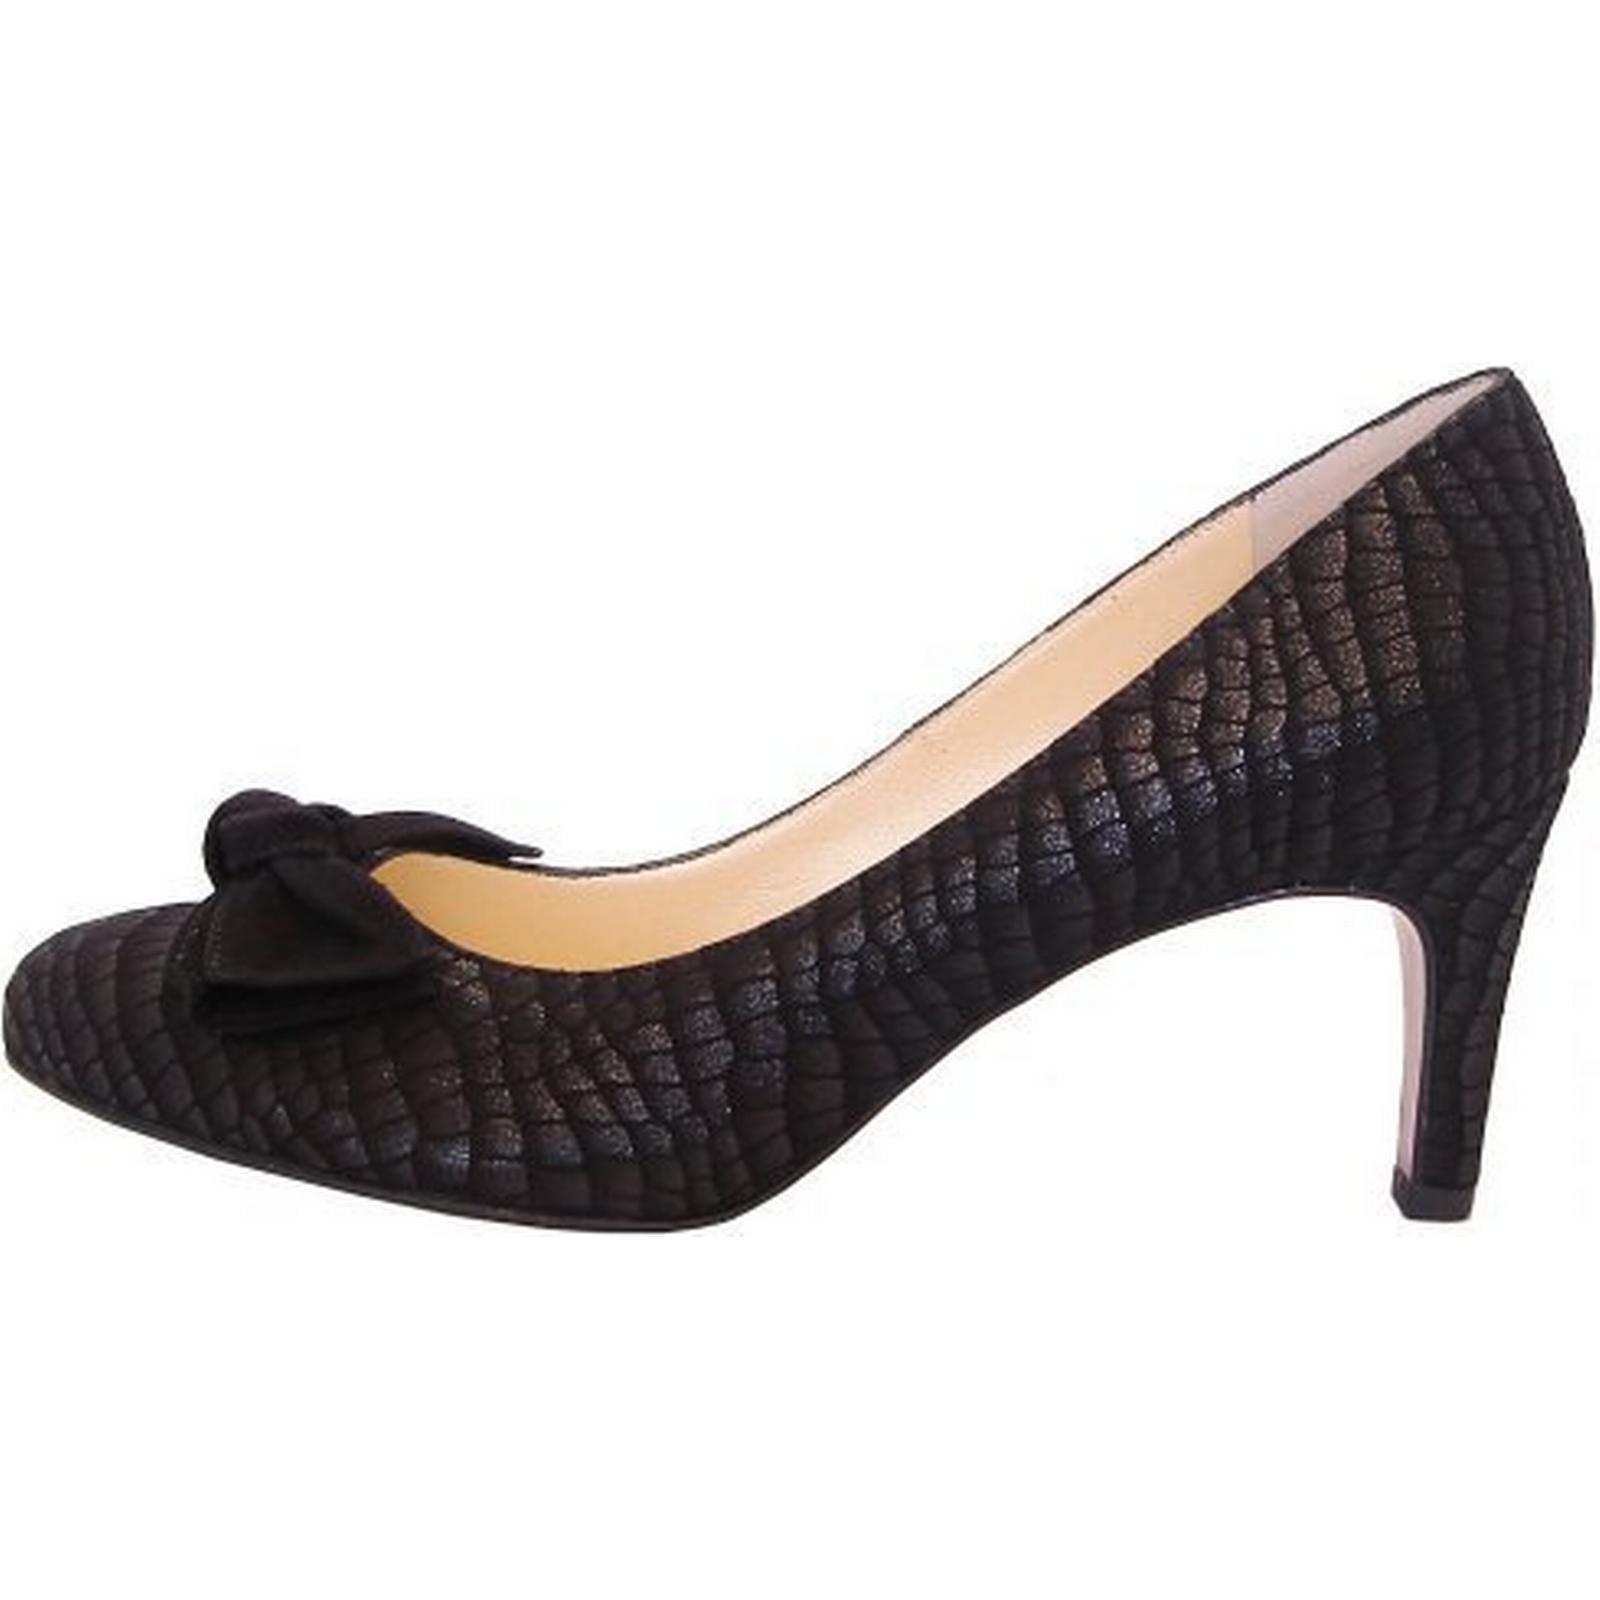 peter kaiser de baska habillé cour de kaiser chaussures avec arc en daim noir taille: 2. b3a8b7